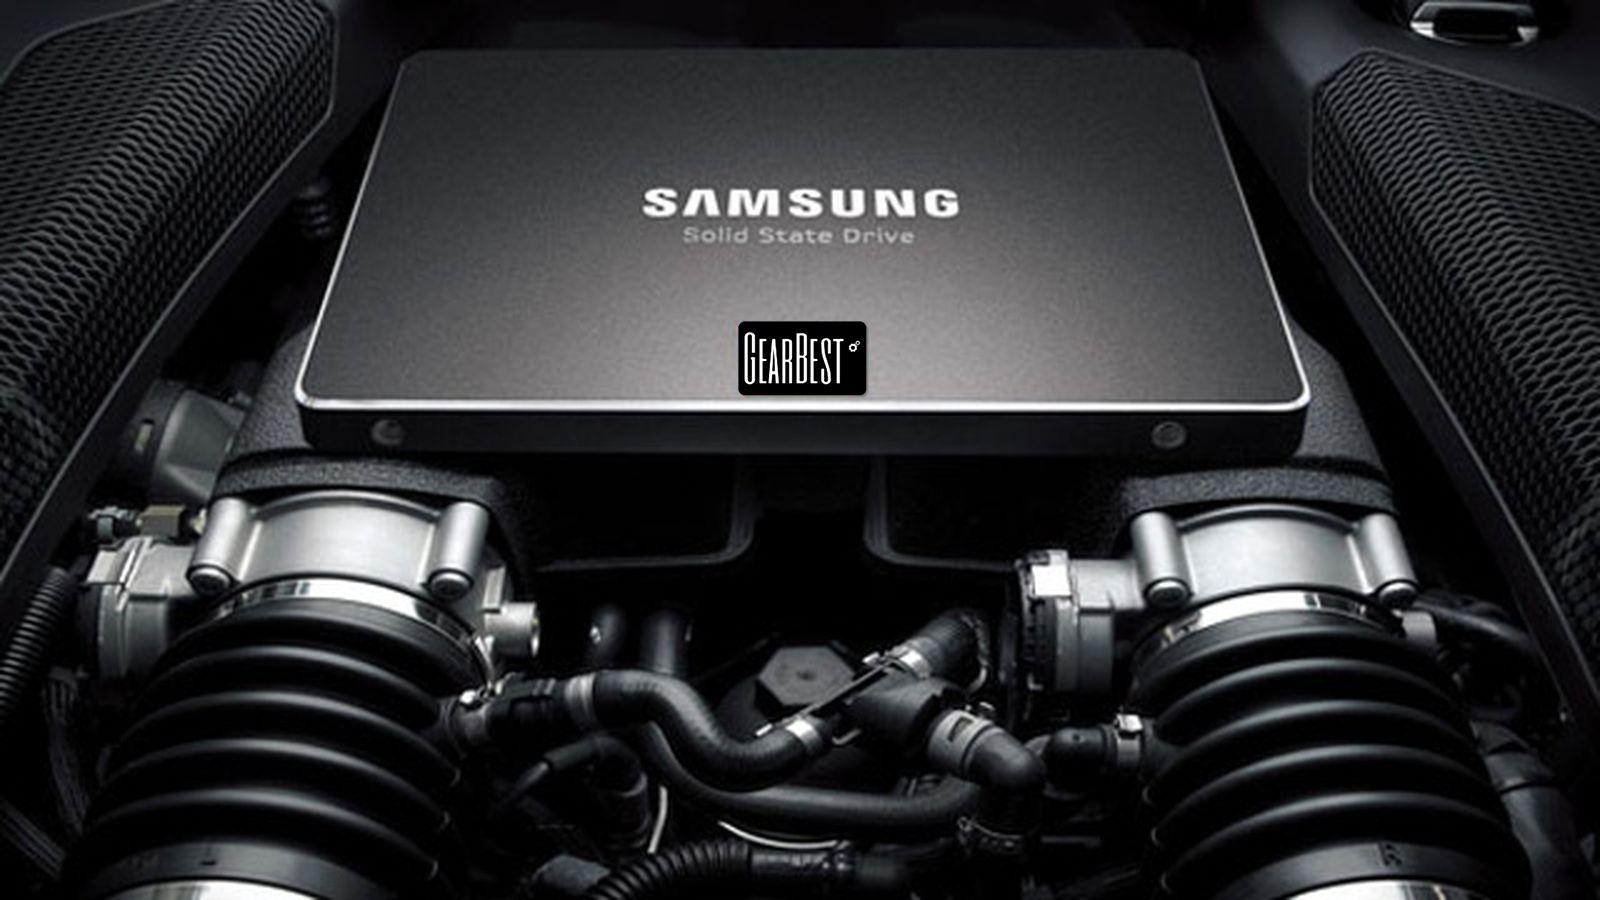 4 grandes SSD para tu ordenador en GearBest4 grandes SSD para tu ordenador en GearBest